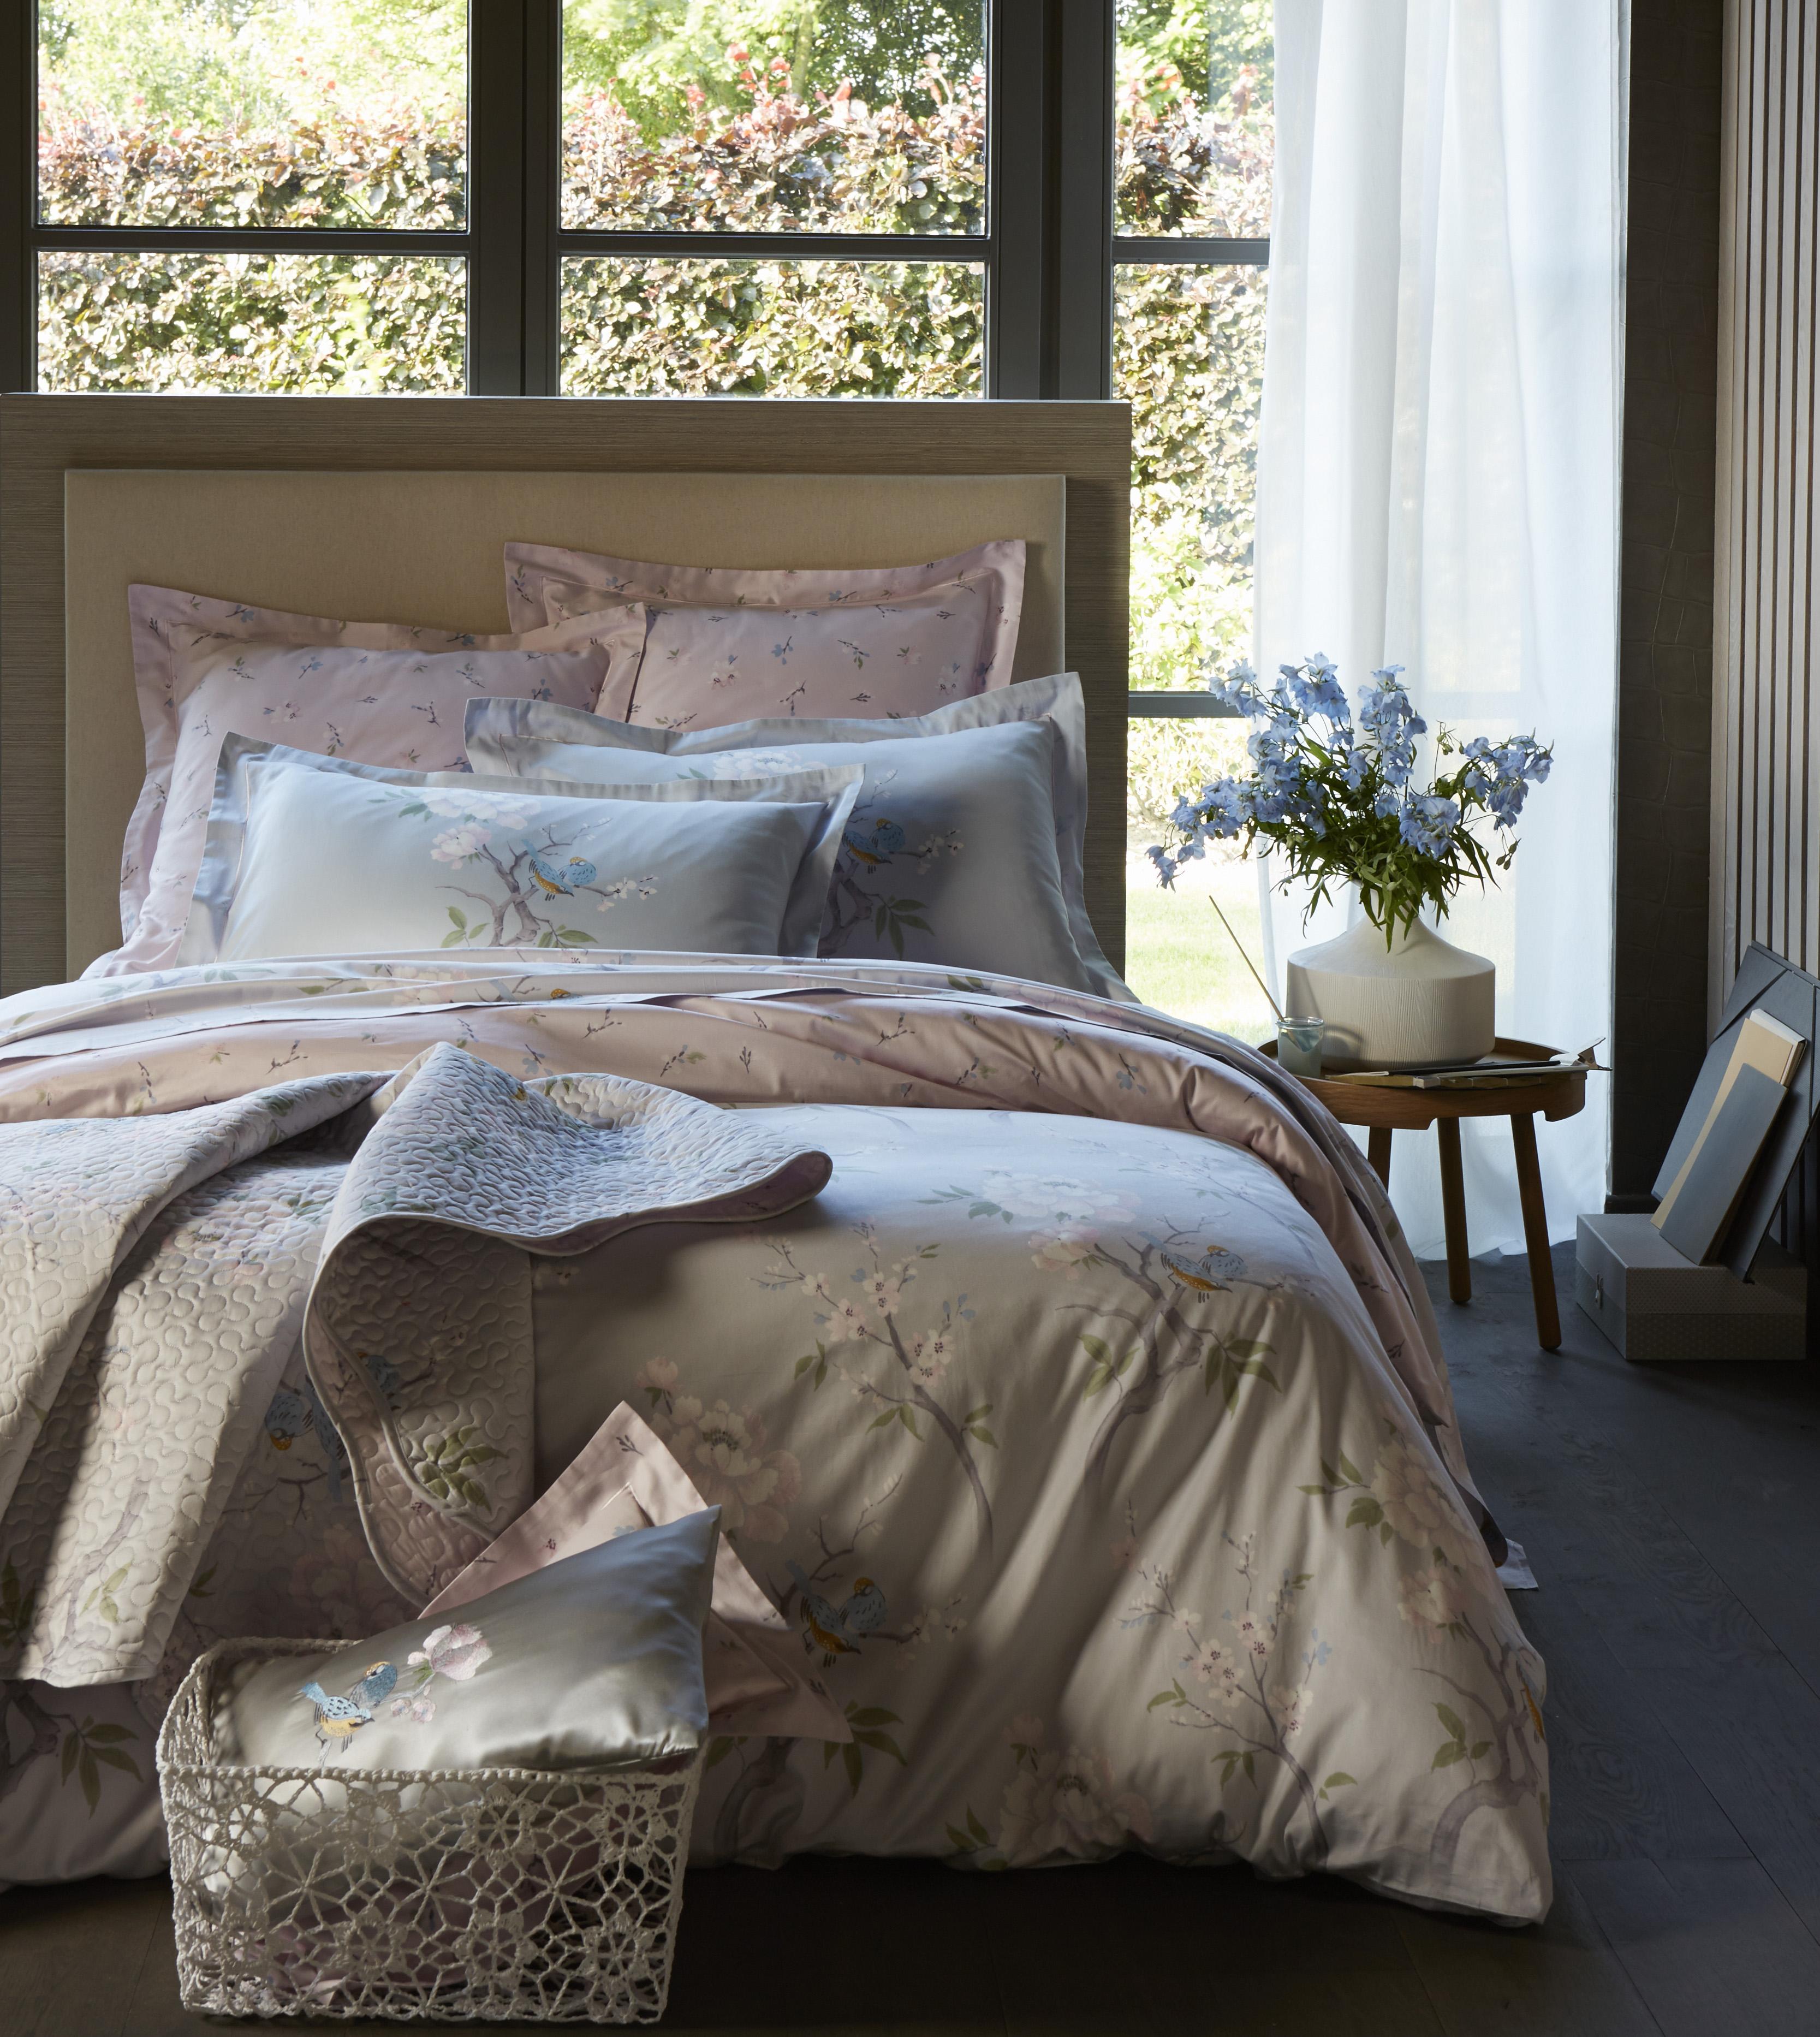 Новая коллекция постельного белья, полотенец и покрывал La Maison de Domitille for ERZIA 2015 года